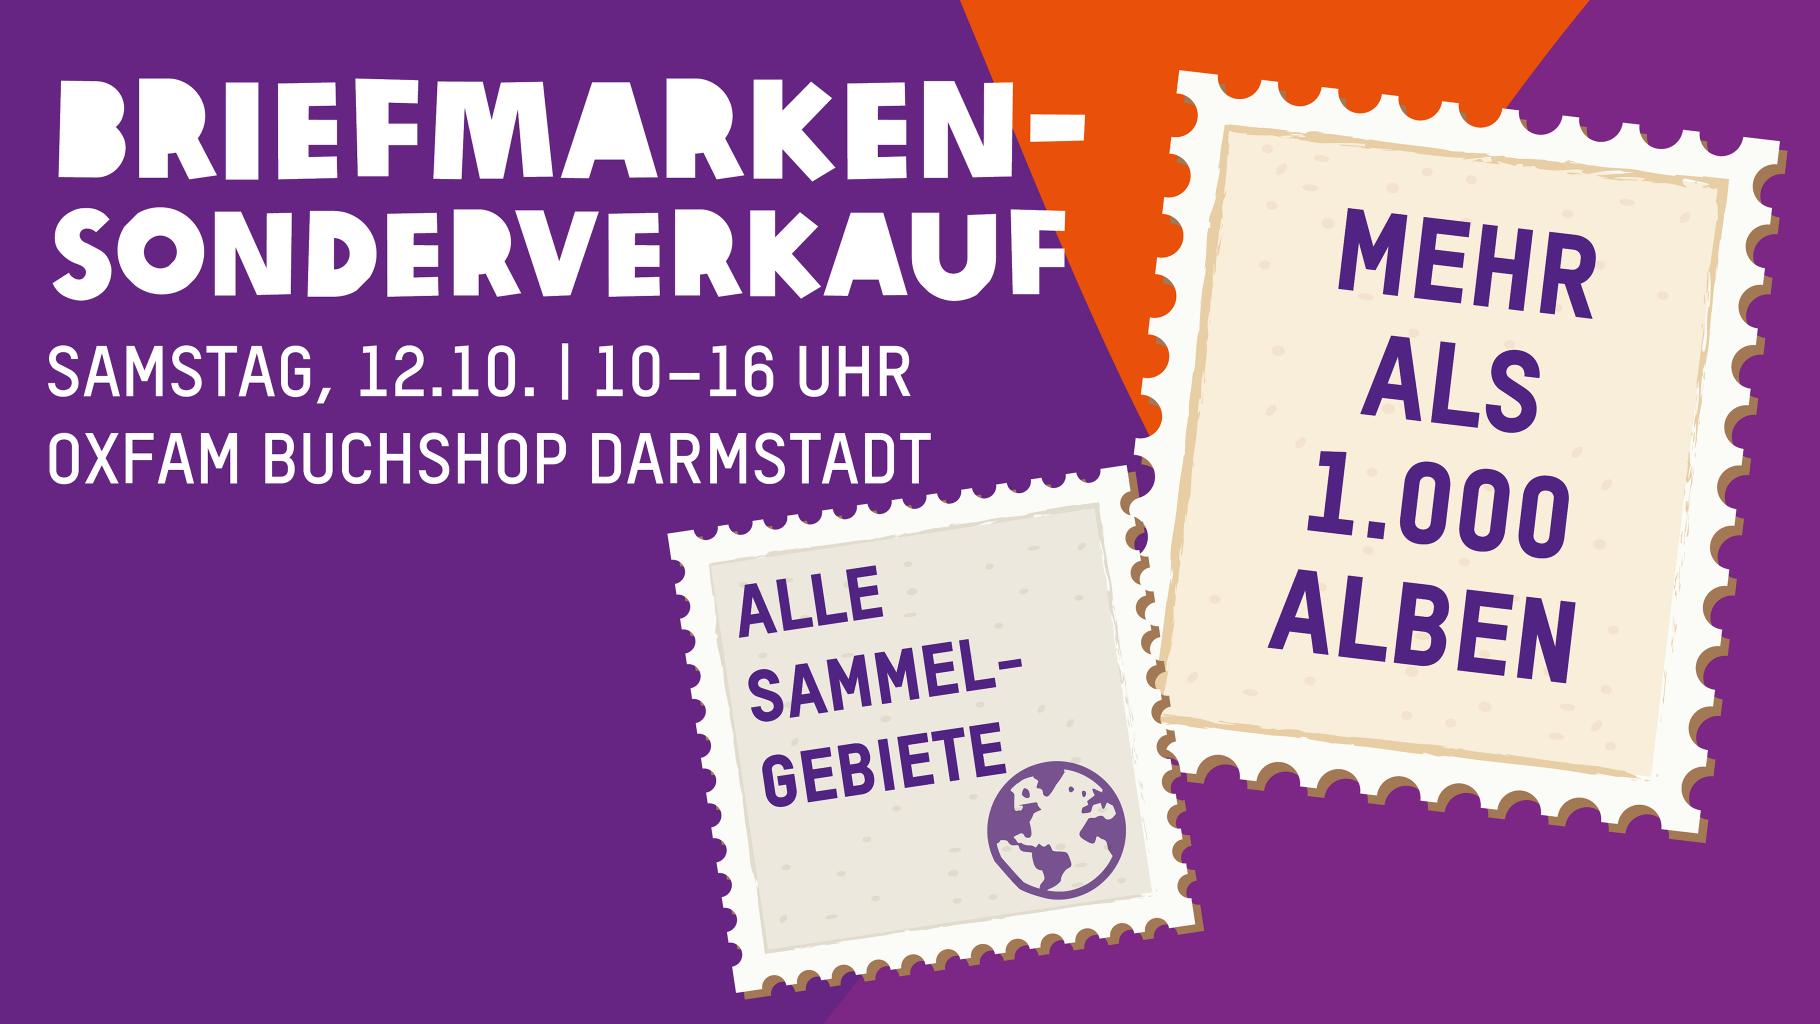 Im Oxfam Buchshop Darmstadt gibt es einen Briefmarken-Sonderverkauf.